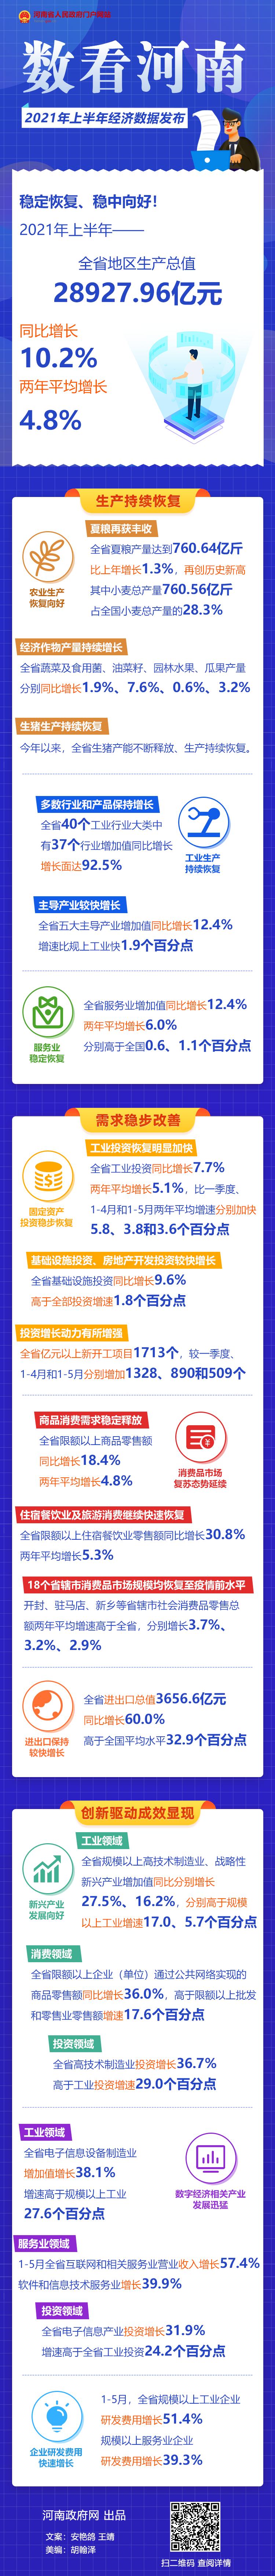 数看河南丨2021年上半年经济数据发布